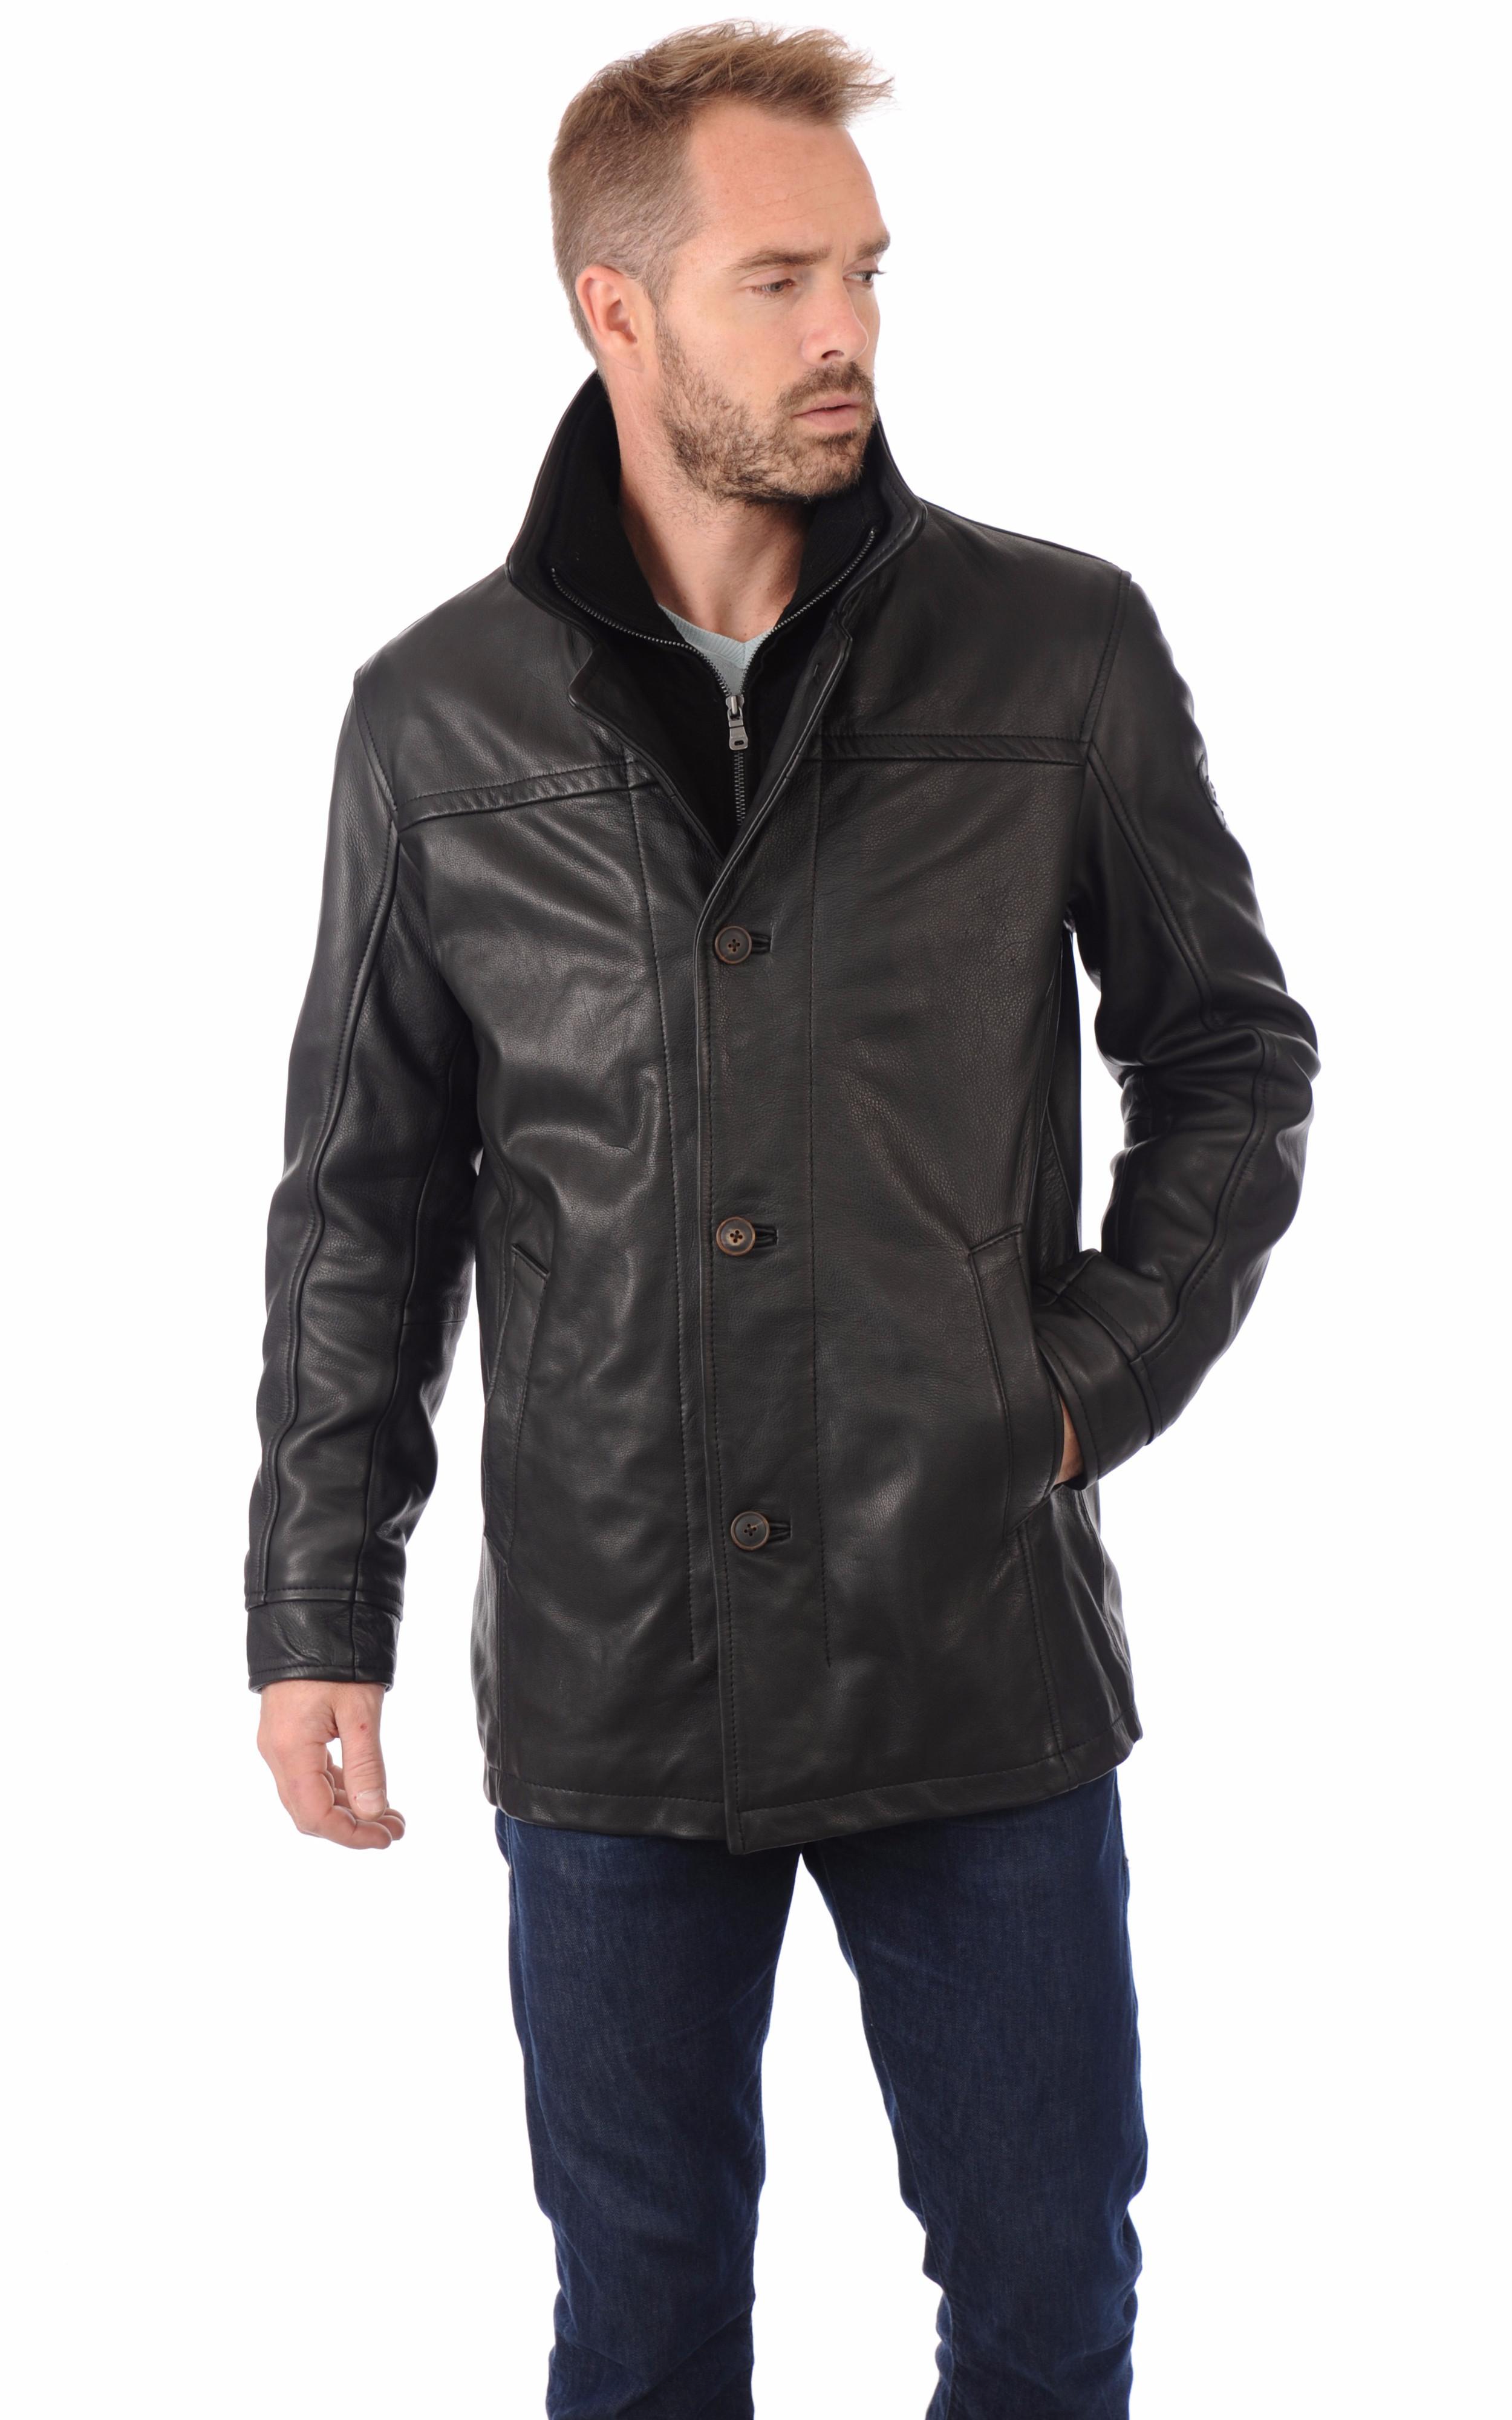 veste en cuir pour homme milestone la canadienne veste 3 4 cuir noir. Black Bedroom Furniture Sets. Home Design Ideas